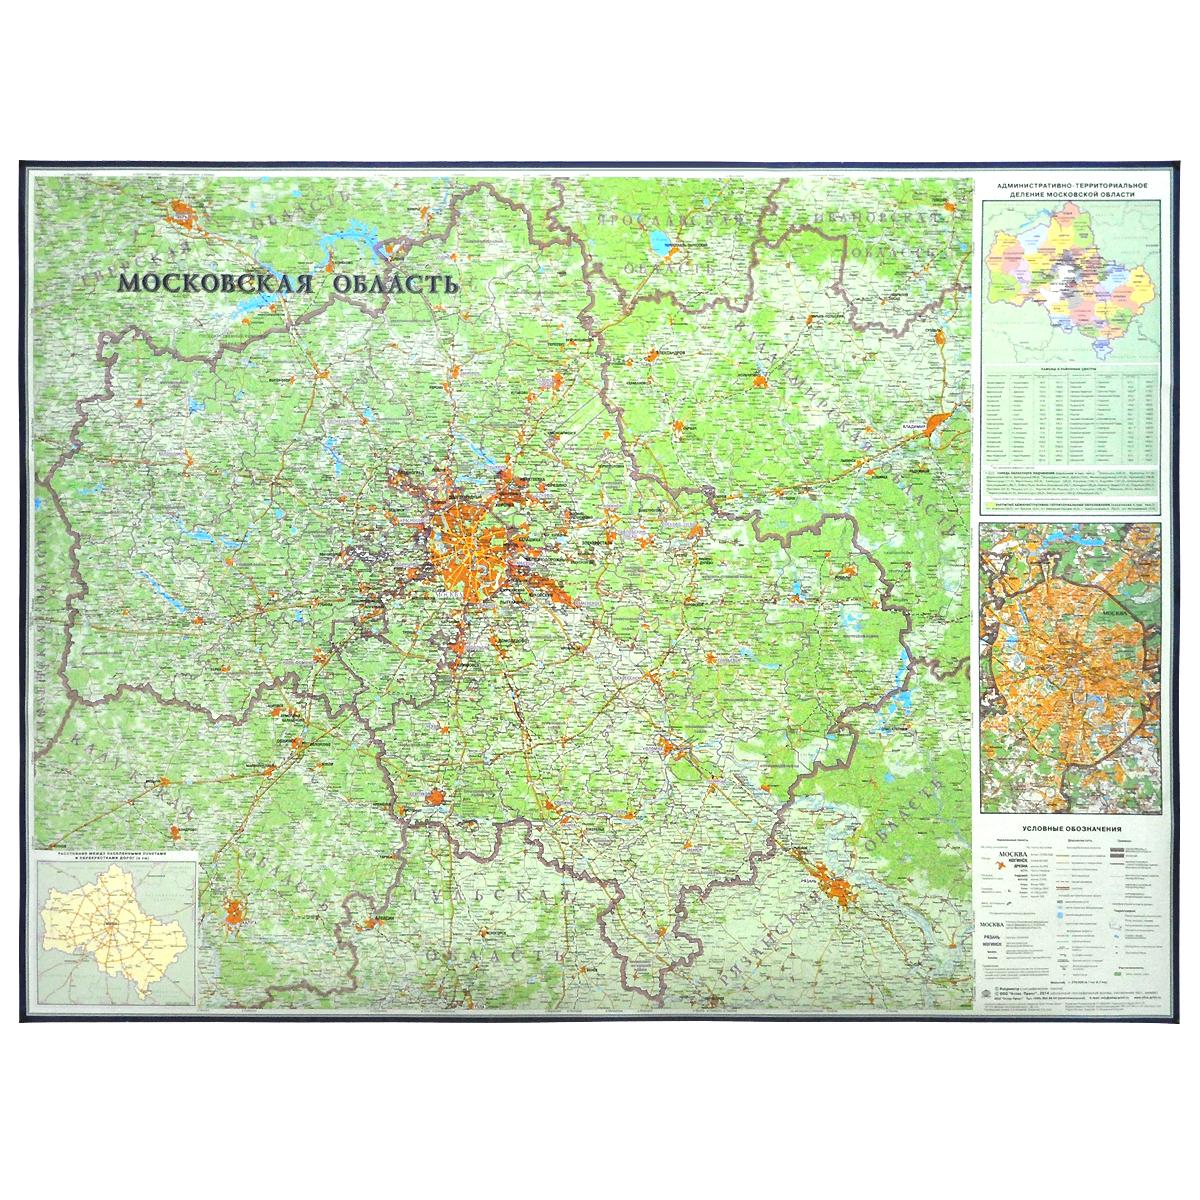 Московская область. Географическая настенная карта дорожная карта шоураннера